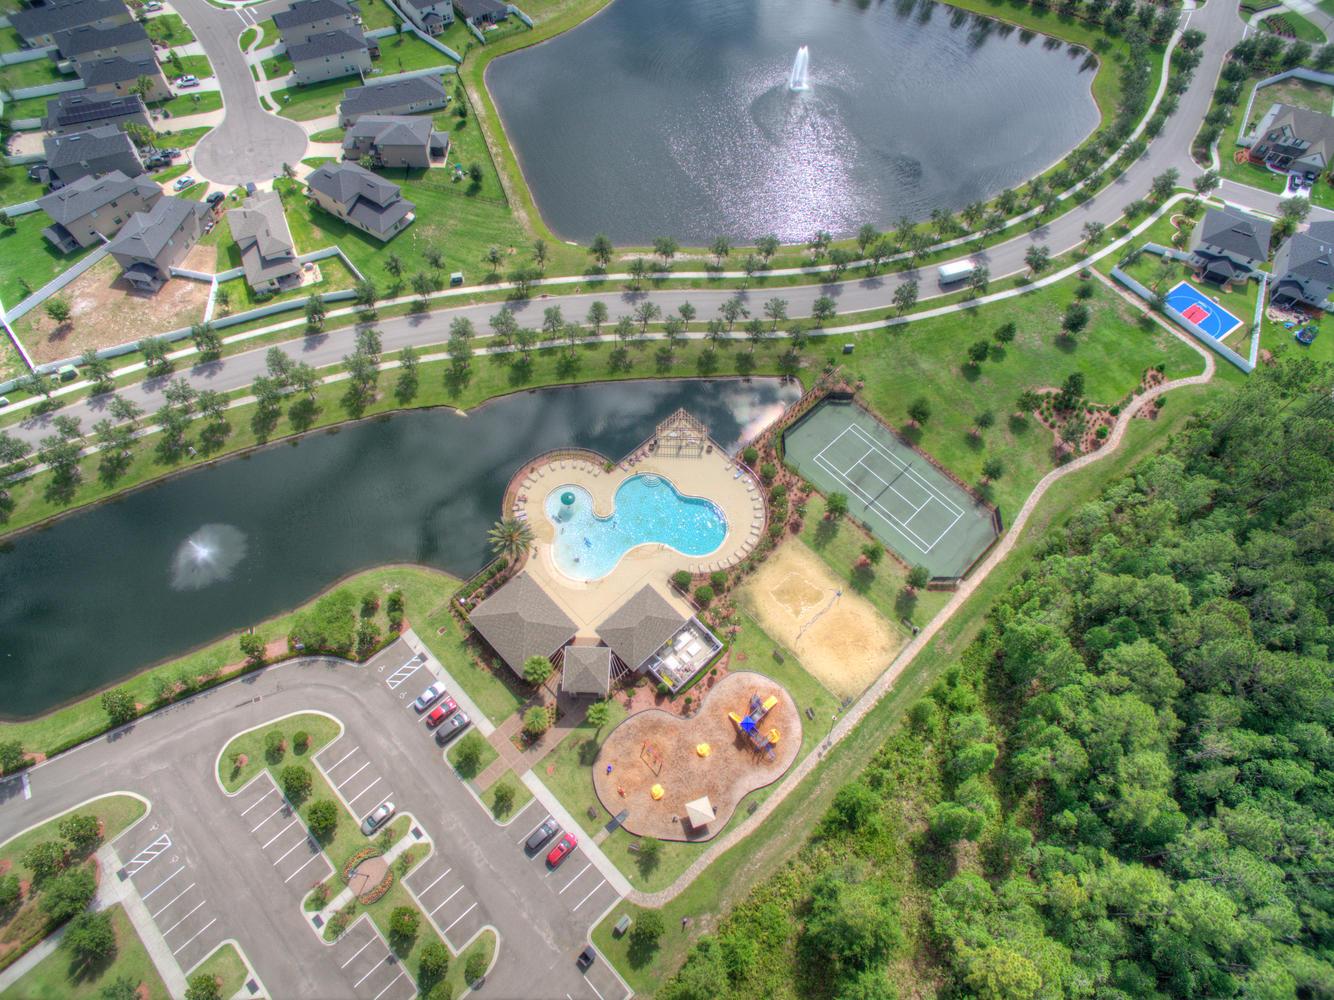 4080 Watervale Way Orange Park-large-005-4-DJI 0011 2 3 4 52 1-1334x1000-72dpi.jpg